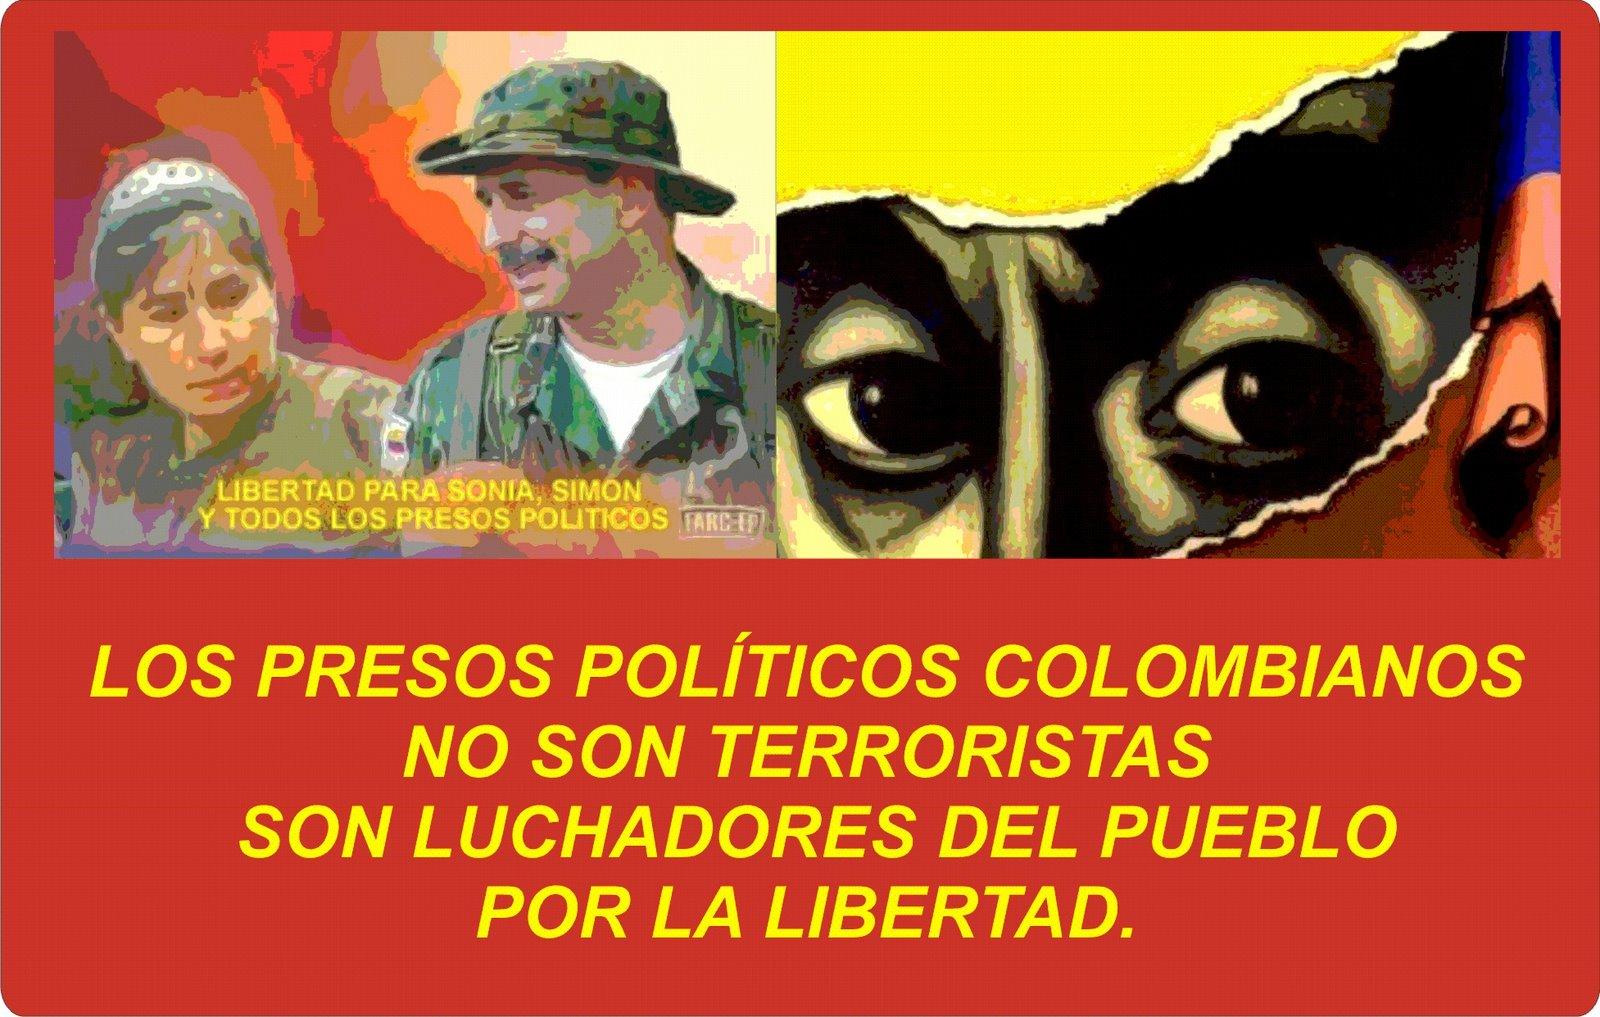 LOS PRESOS POLÍTICOS COLOMBIANOS NO SON TERRORISTAS SON LUCHADORES DEL PUEBLO POR LA LIBERTAD.